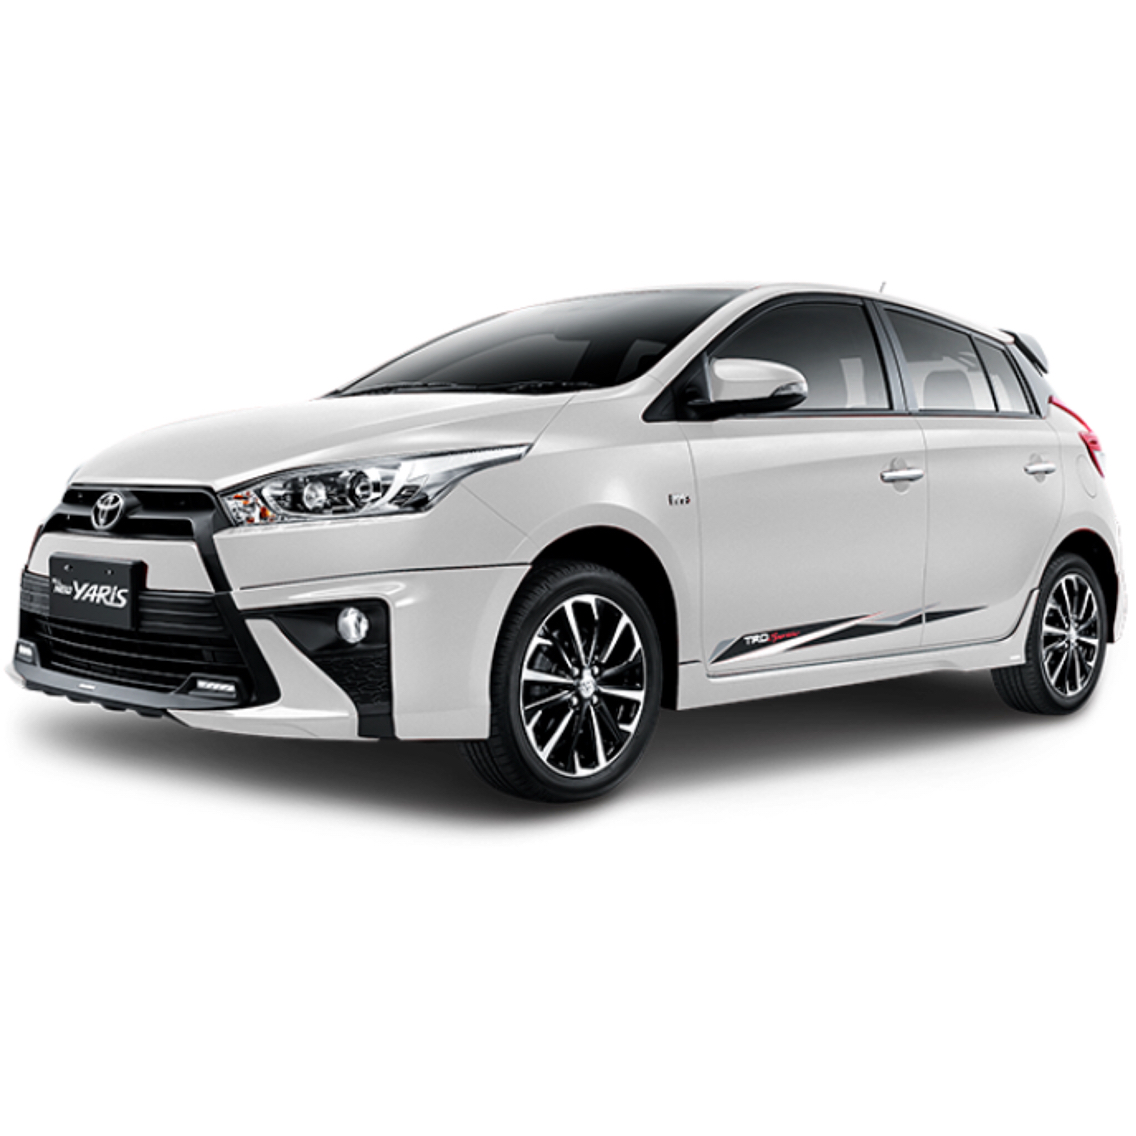 Harga Toyota Yaris Trd Matic All New Baru Mobil Semarang Sales Promo Kredit